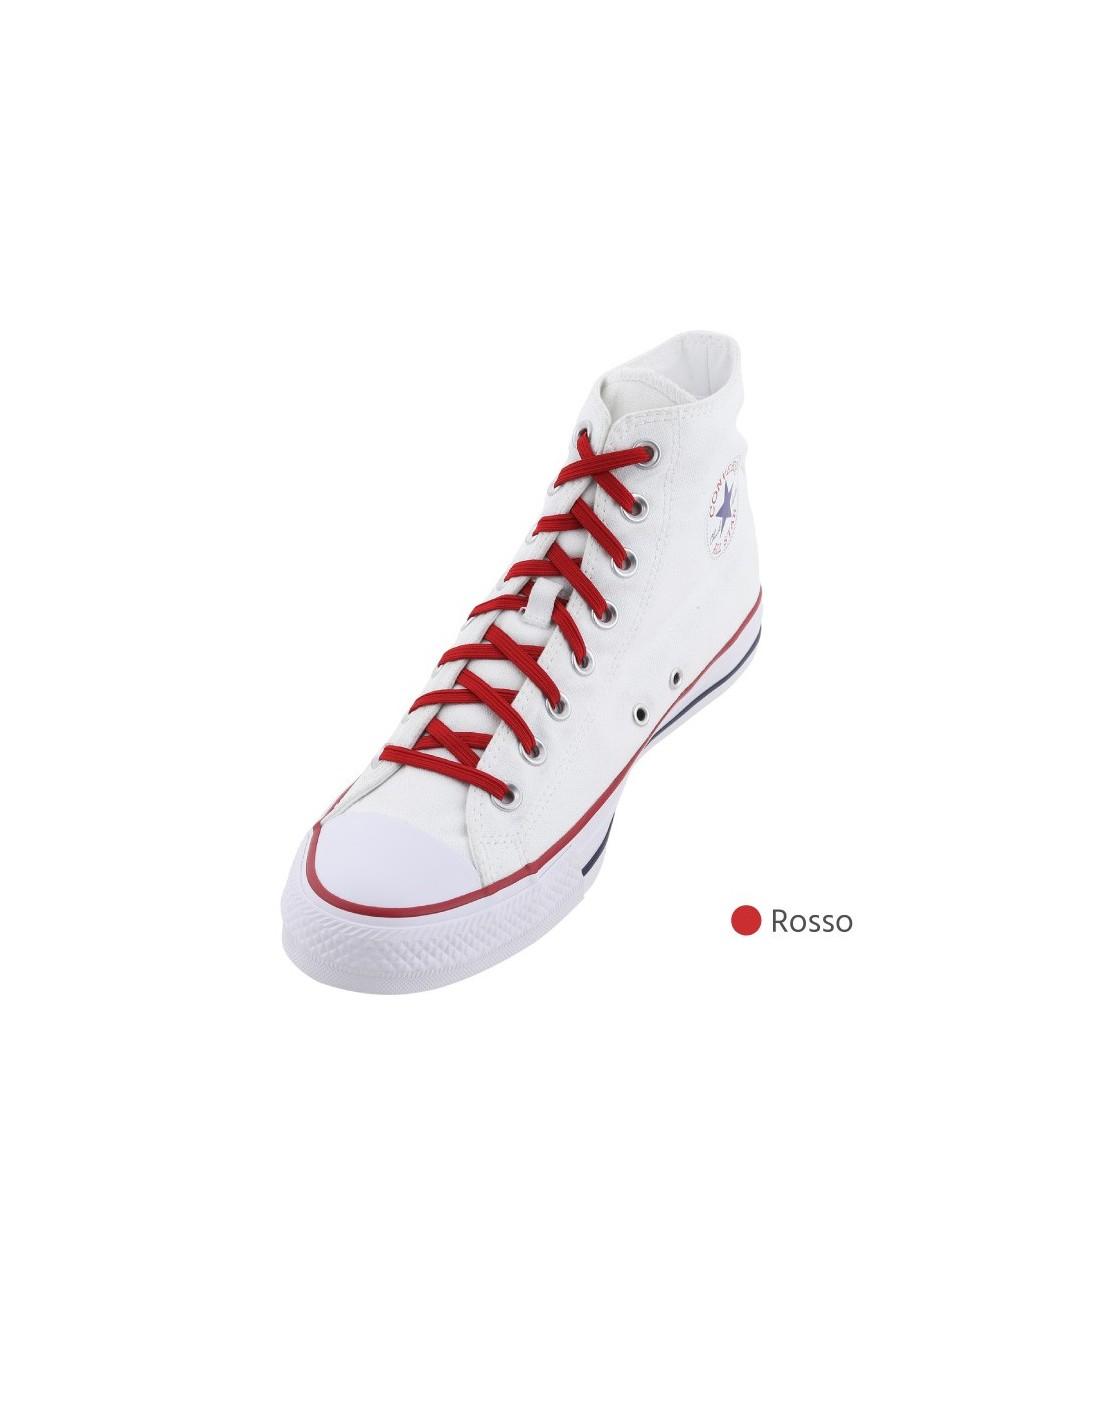 Lacci elastici autobloccanti per scarpe da ginnastica di